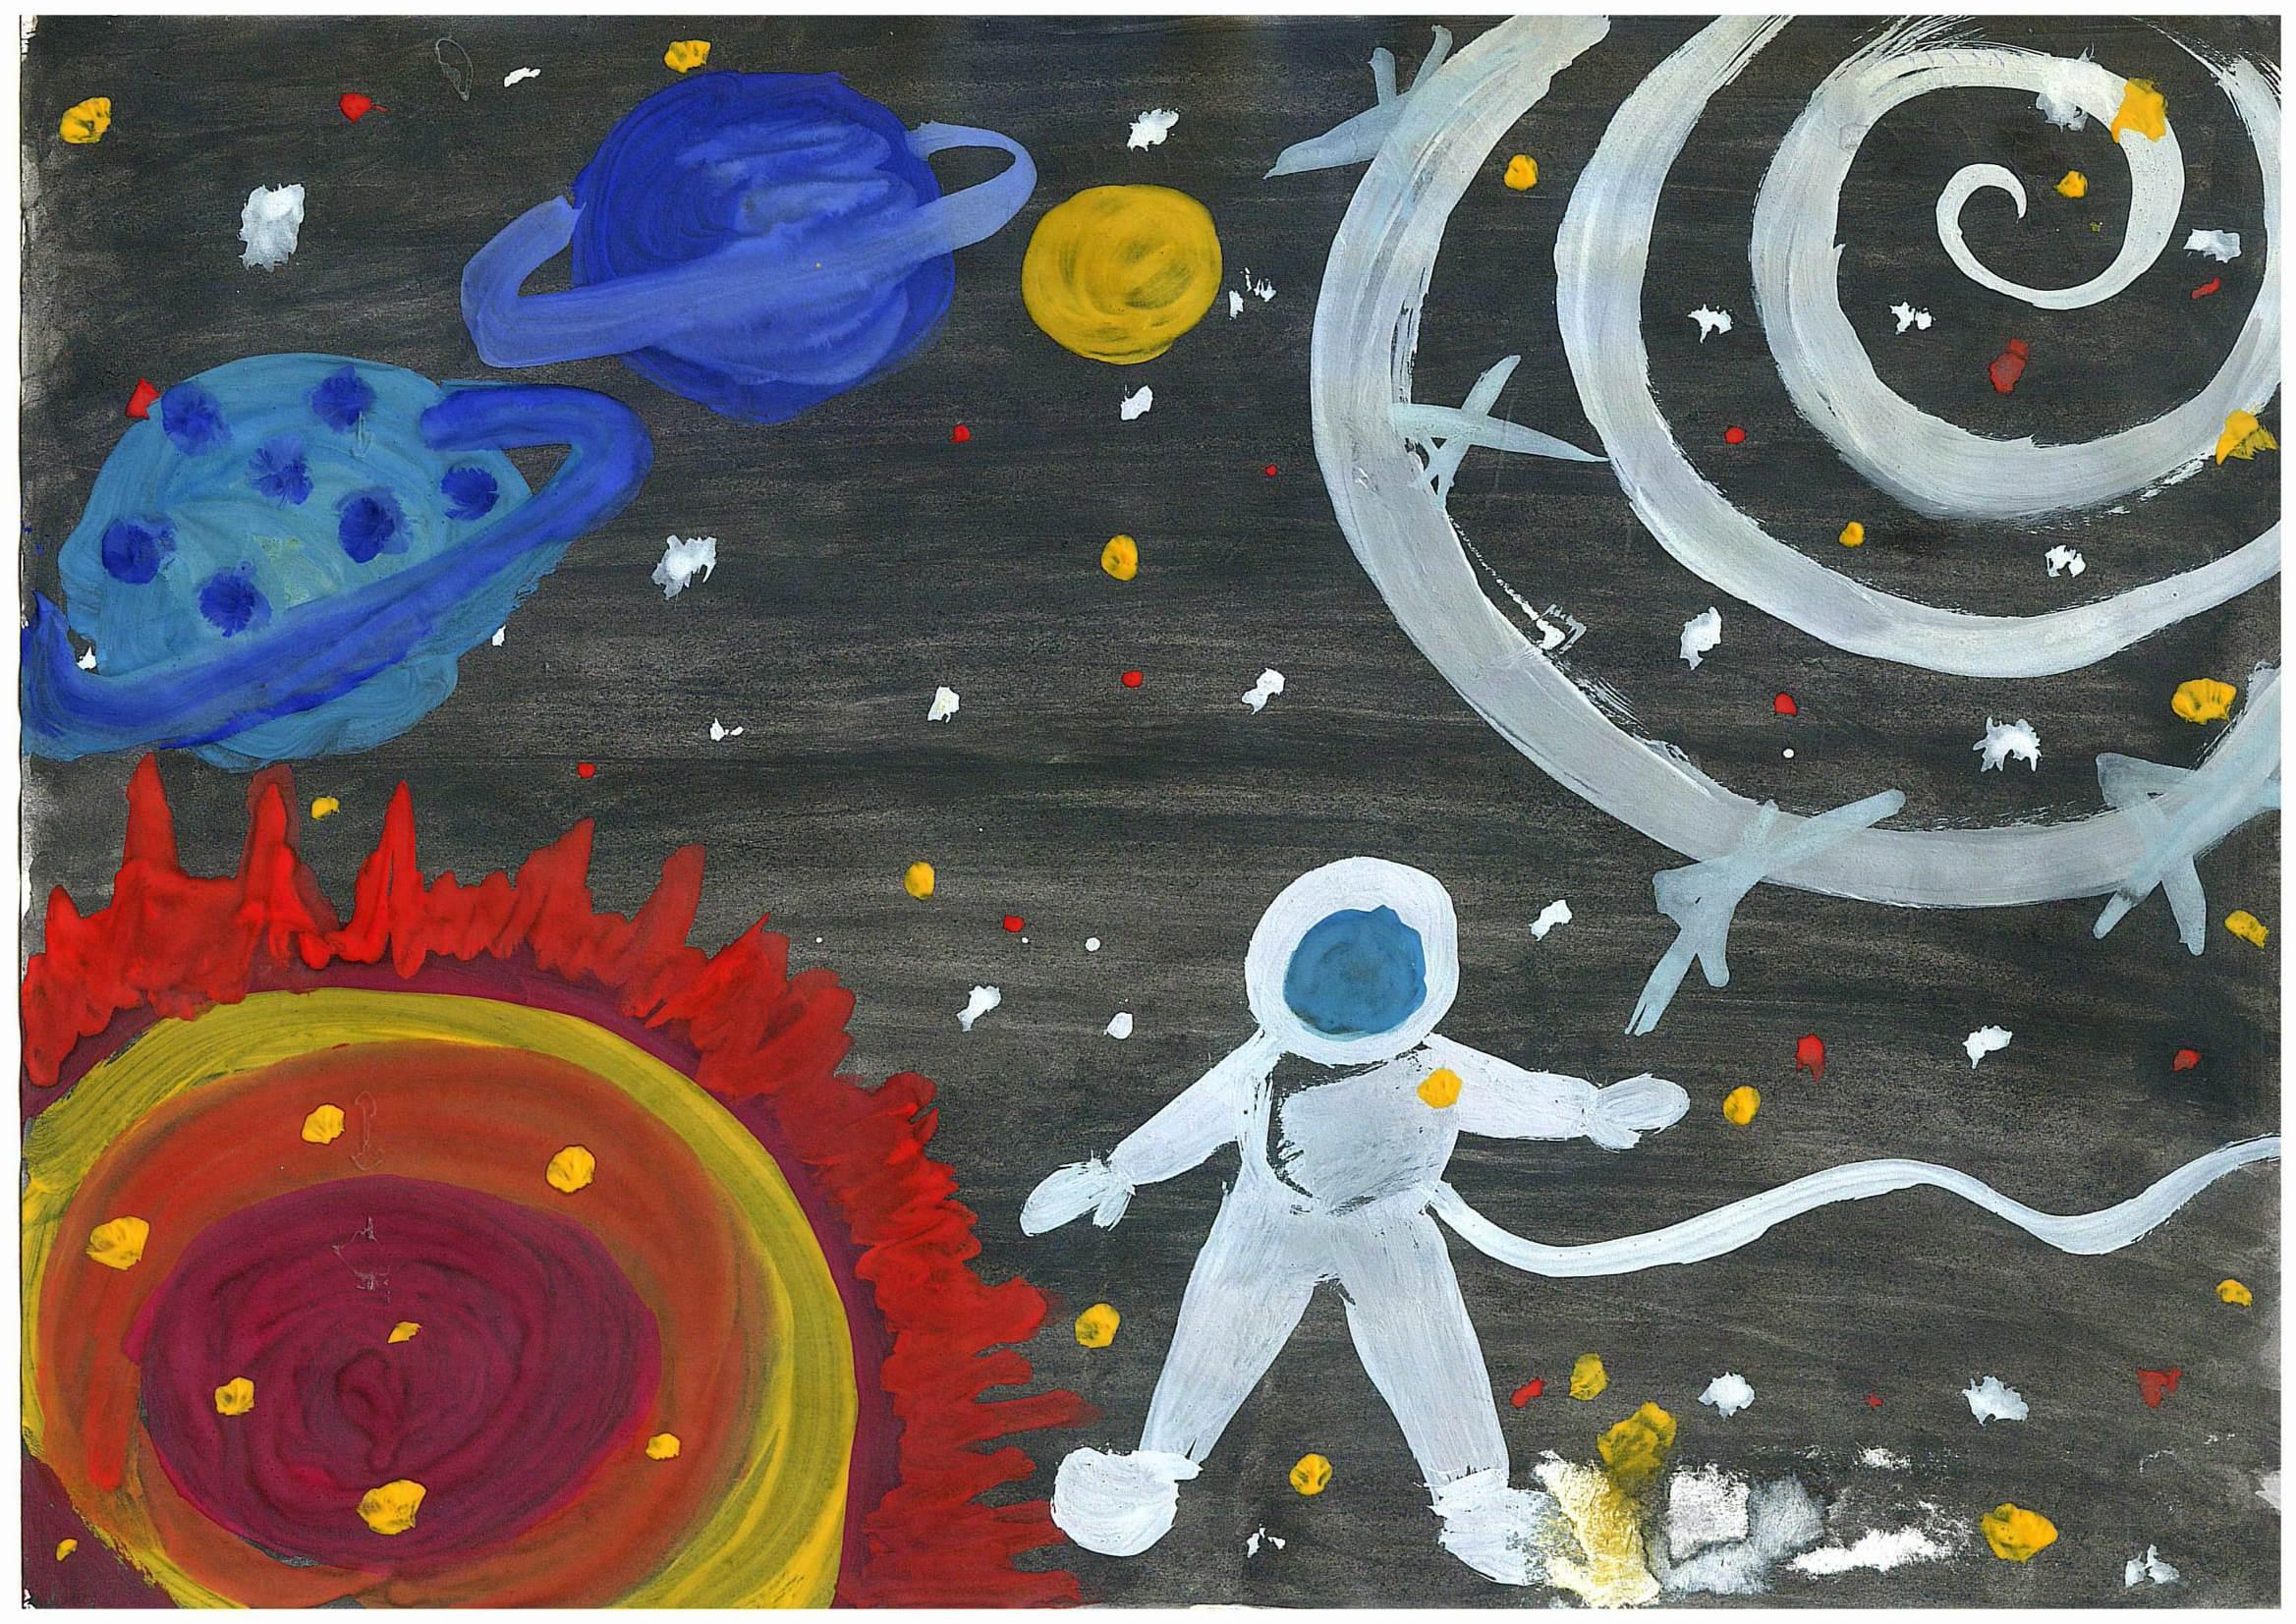 Поделки на тему космос - конкурс к Дню космонавтики 2018 58